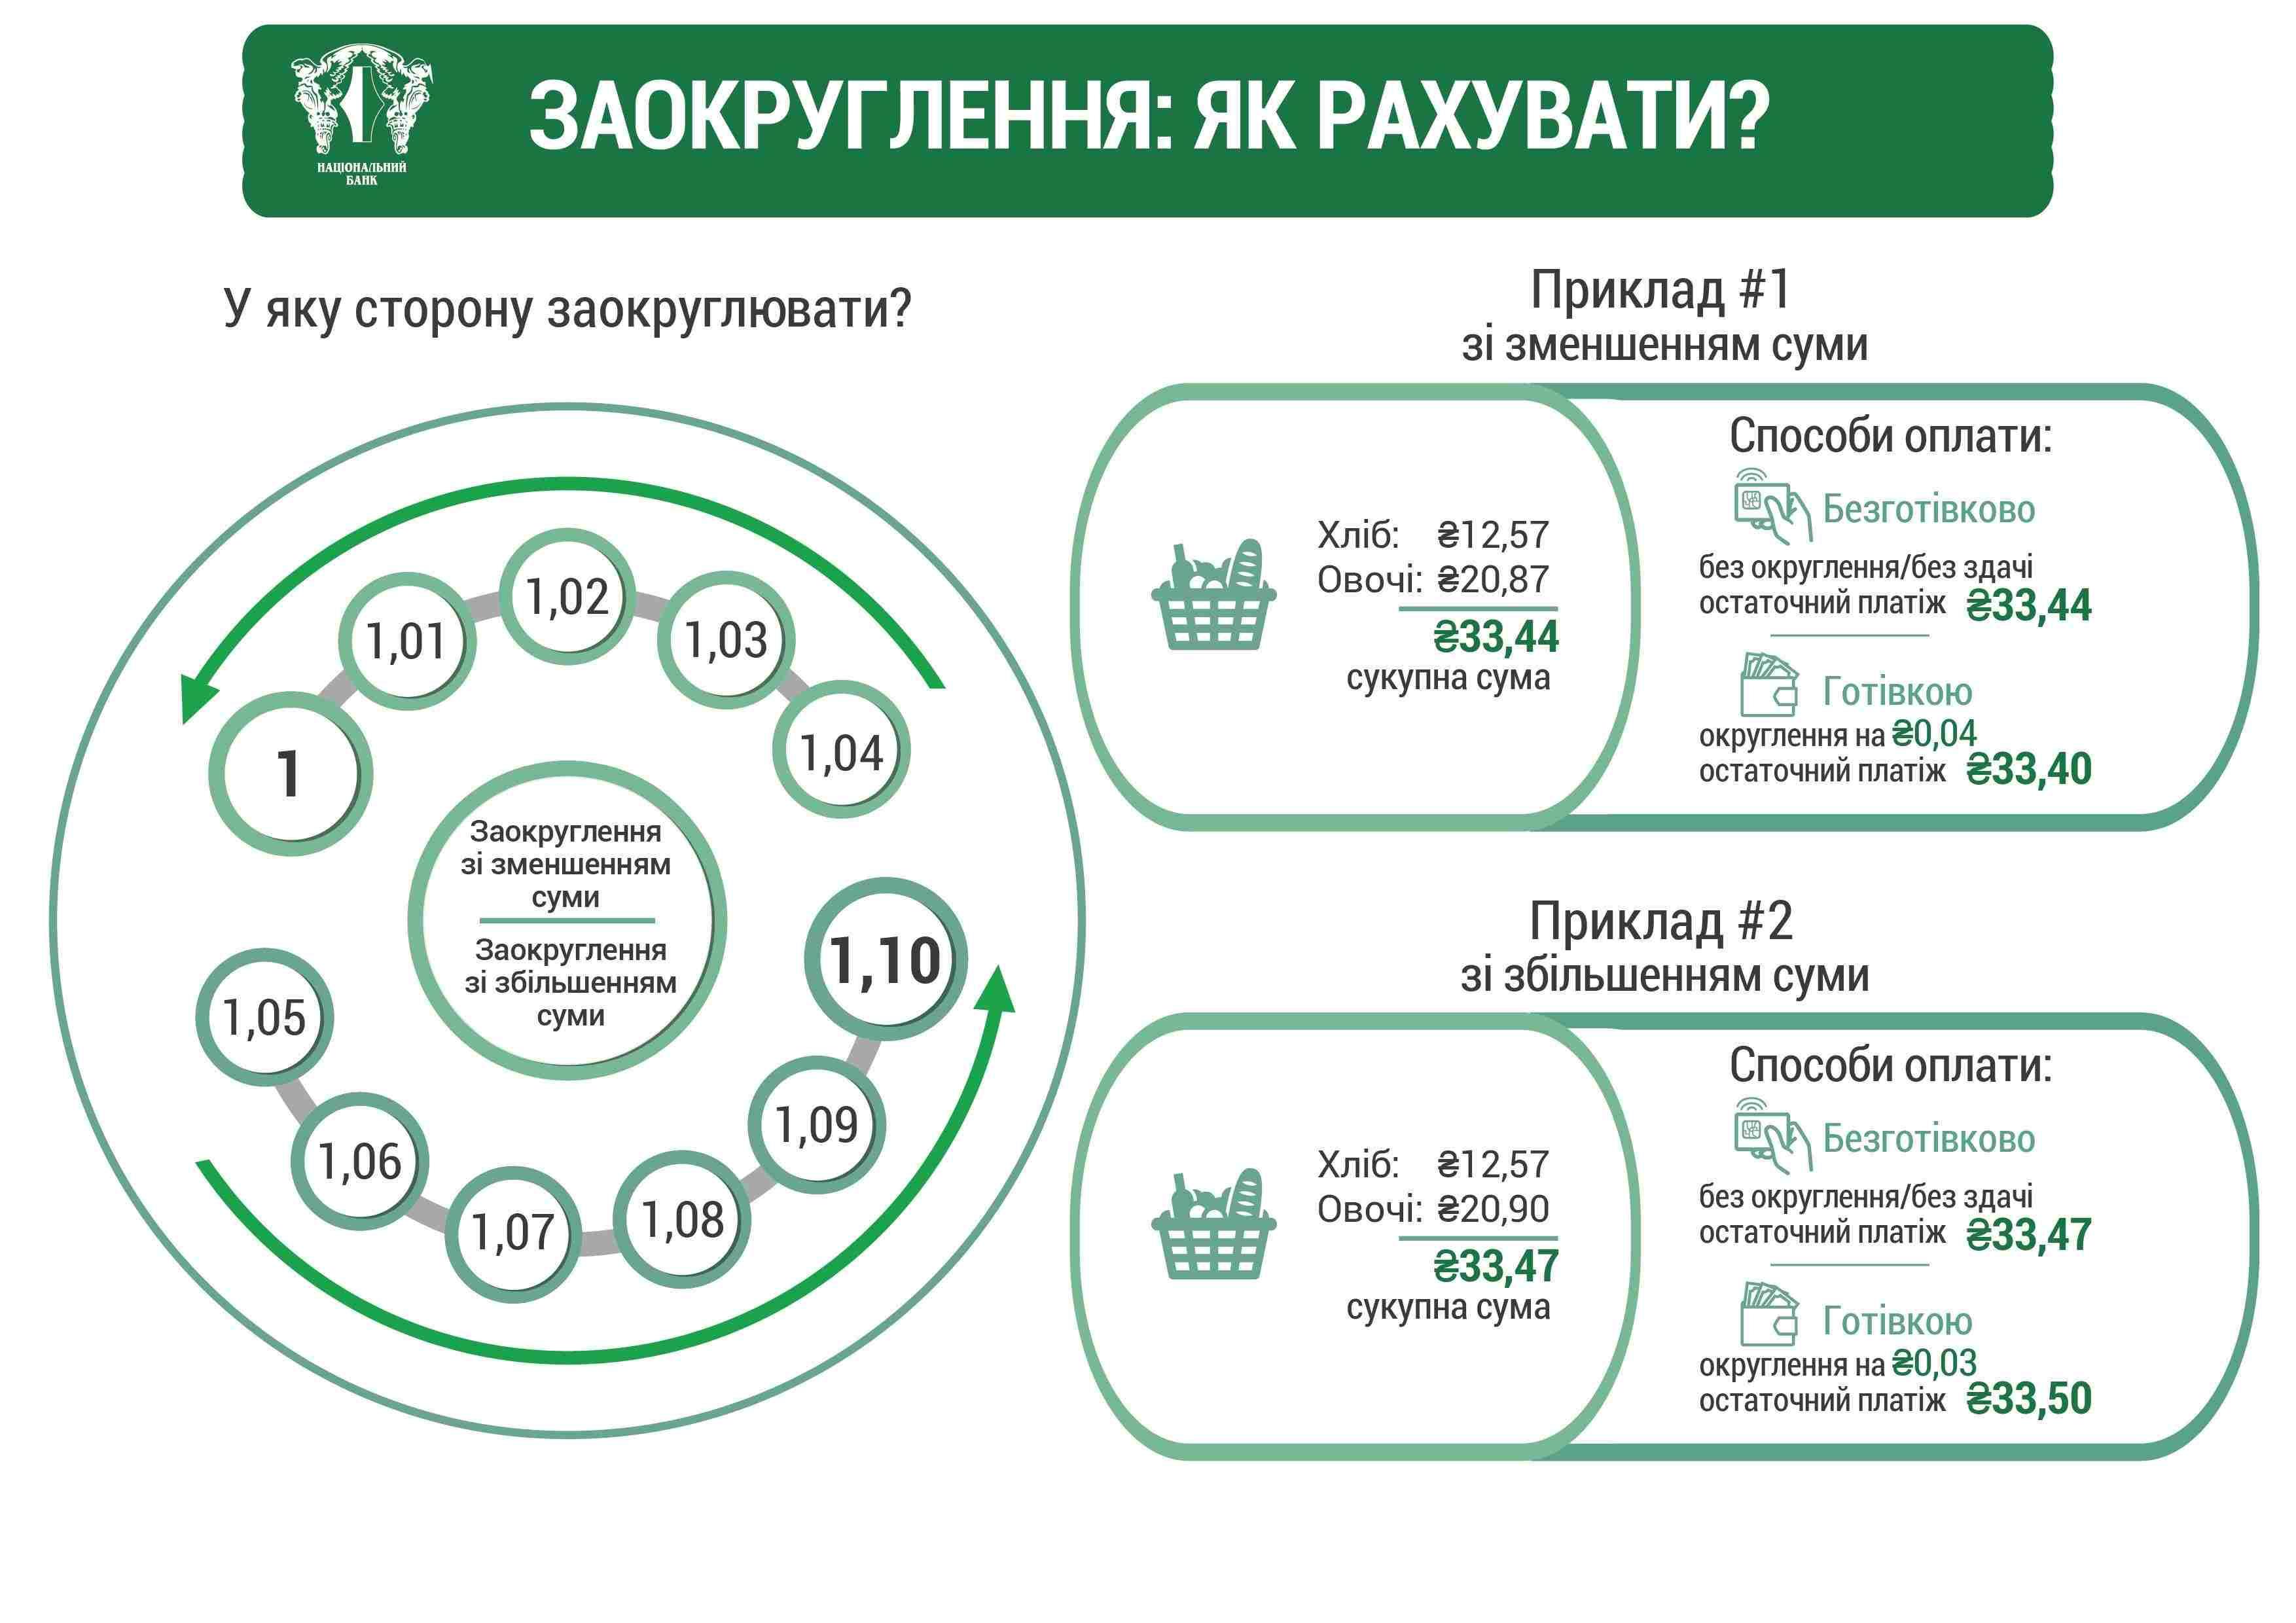 як рахувати округлення суми україна